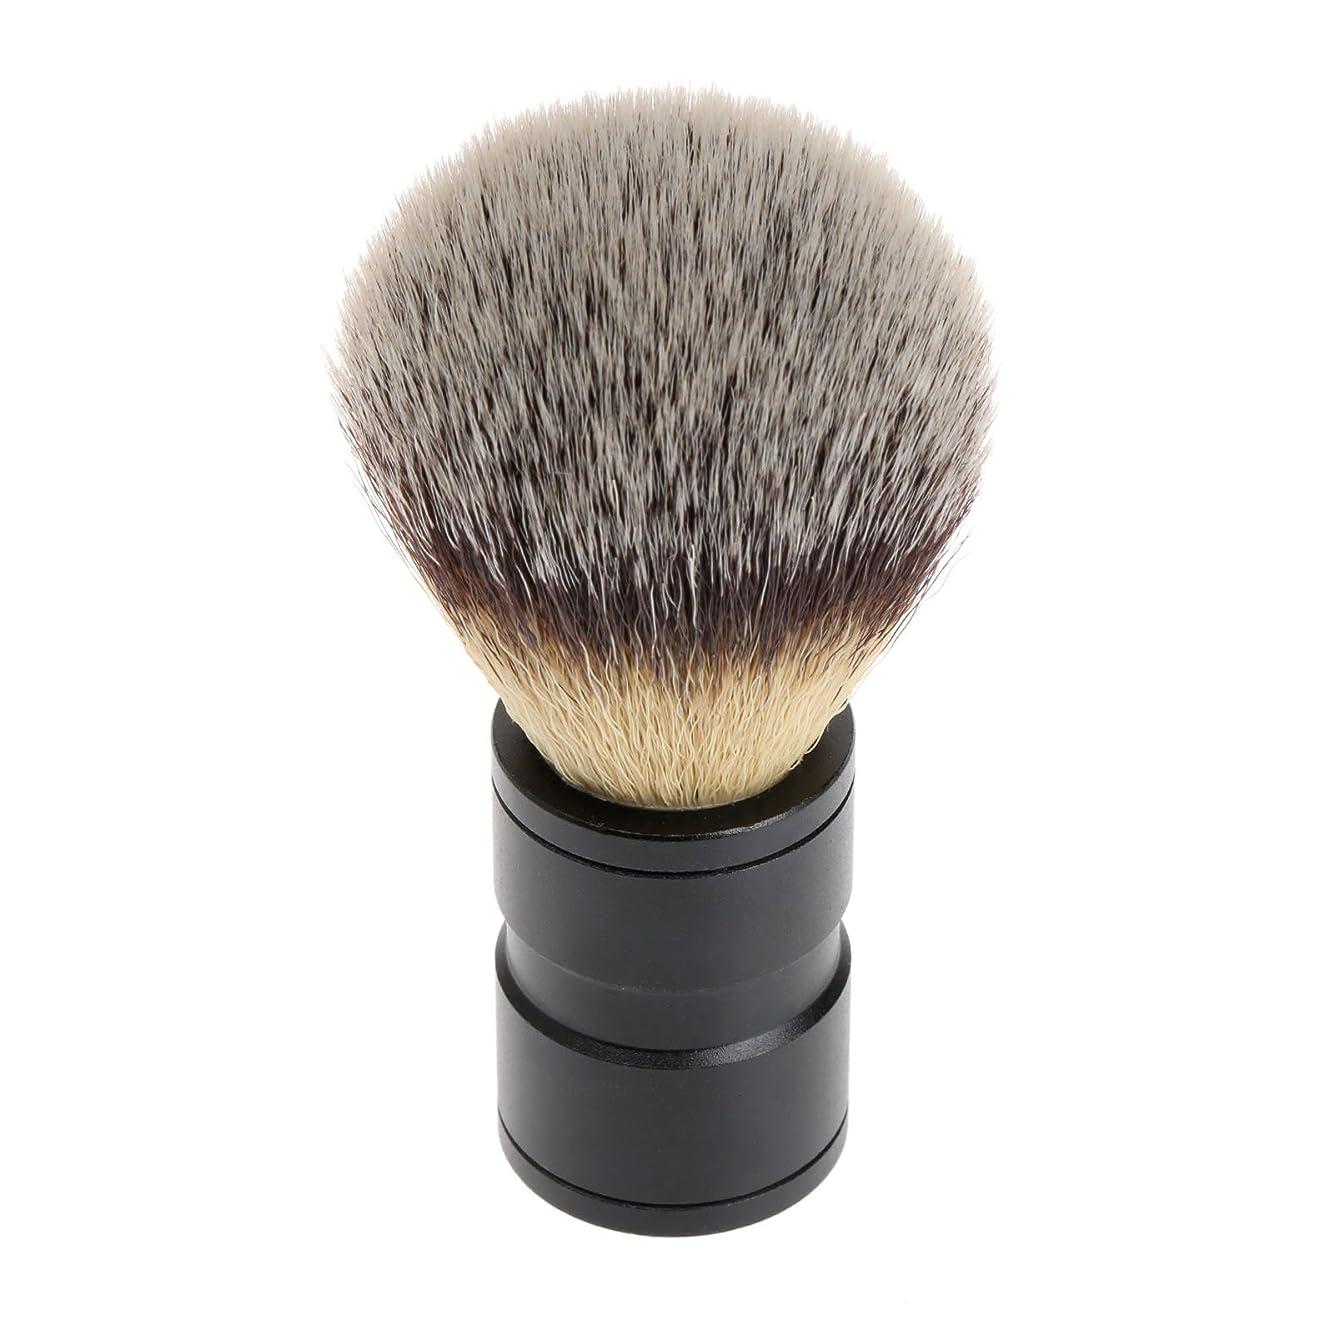 シニス漫画複製するシェービング ブラシ 理容 洗顔 髭剃り マッサージ 効果 ナイロン毛 メンズ